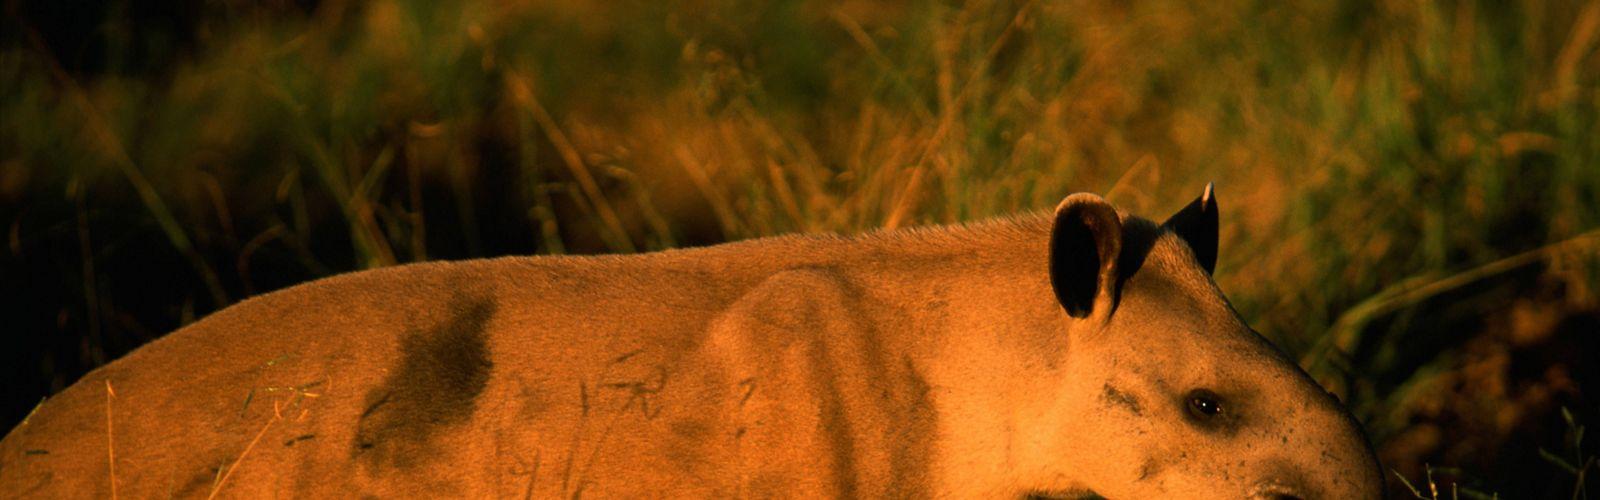 Uma anta (Tapirus terrestris) ao longo da estrada na fronteira com o Parque Nacional das Emas ao pôr do sol no Cerrado dos Brazil